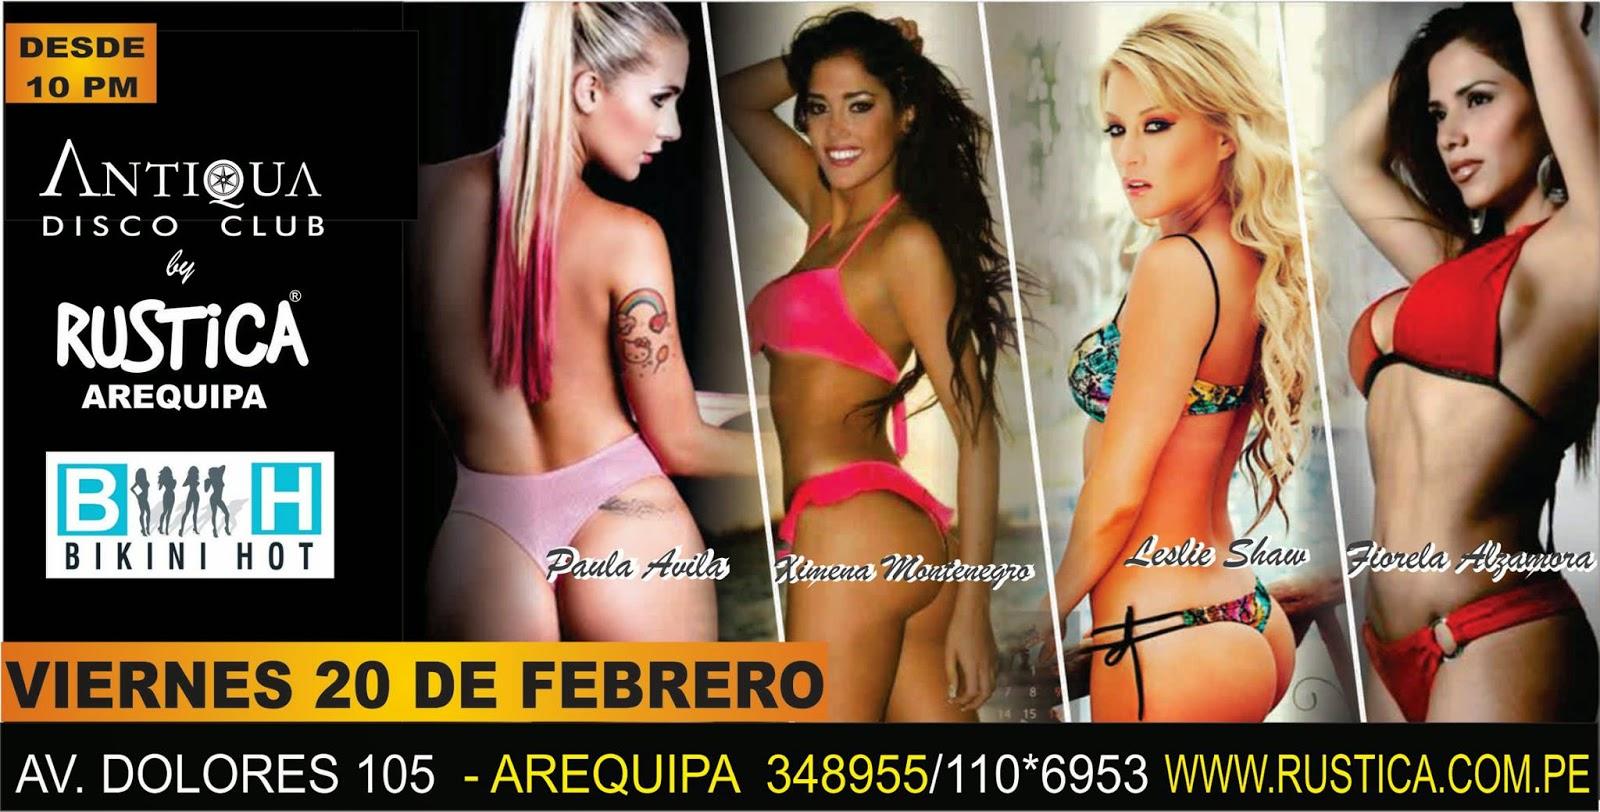 Bikini Fest Arequipa - 20 de febrero